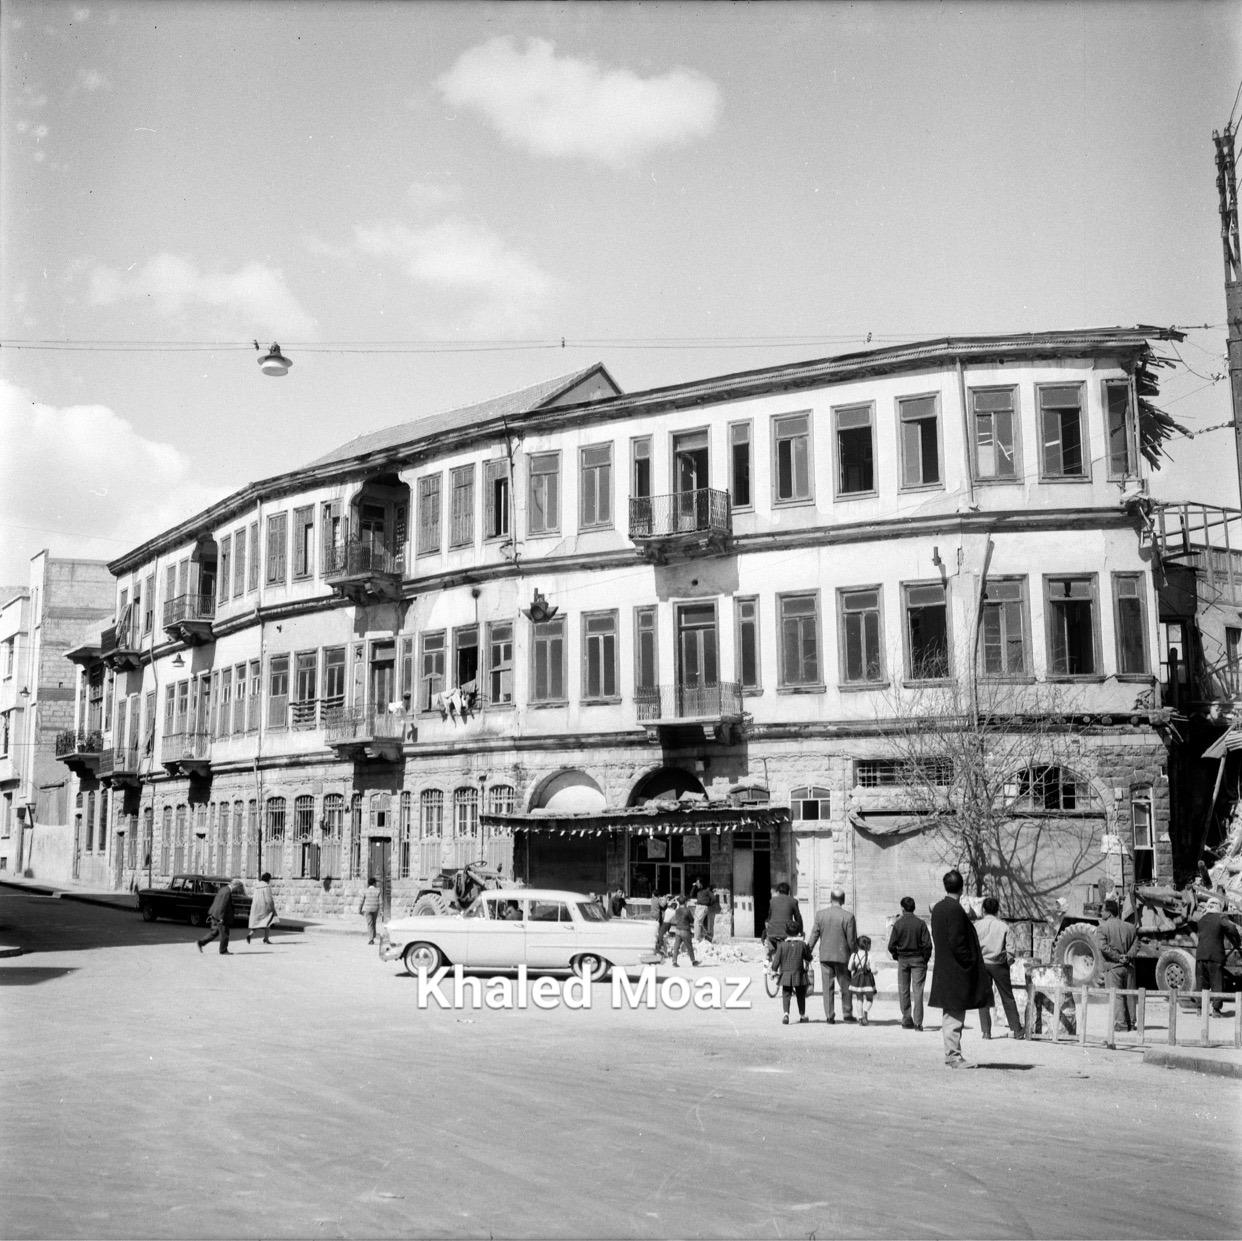 دمشق 1965 - طريق الصالحية وتفرعاته (1)